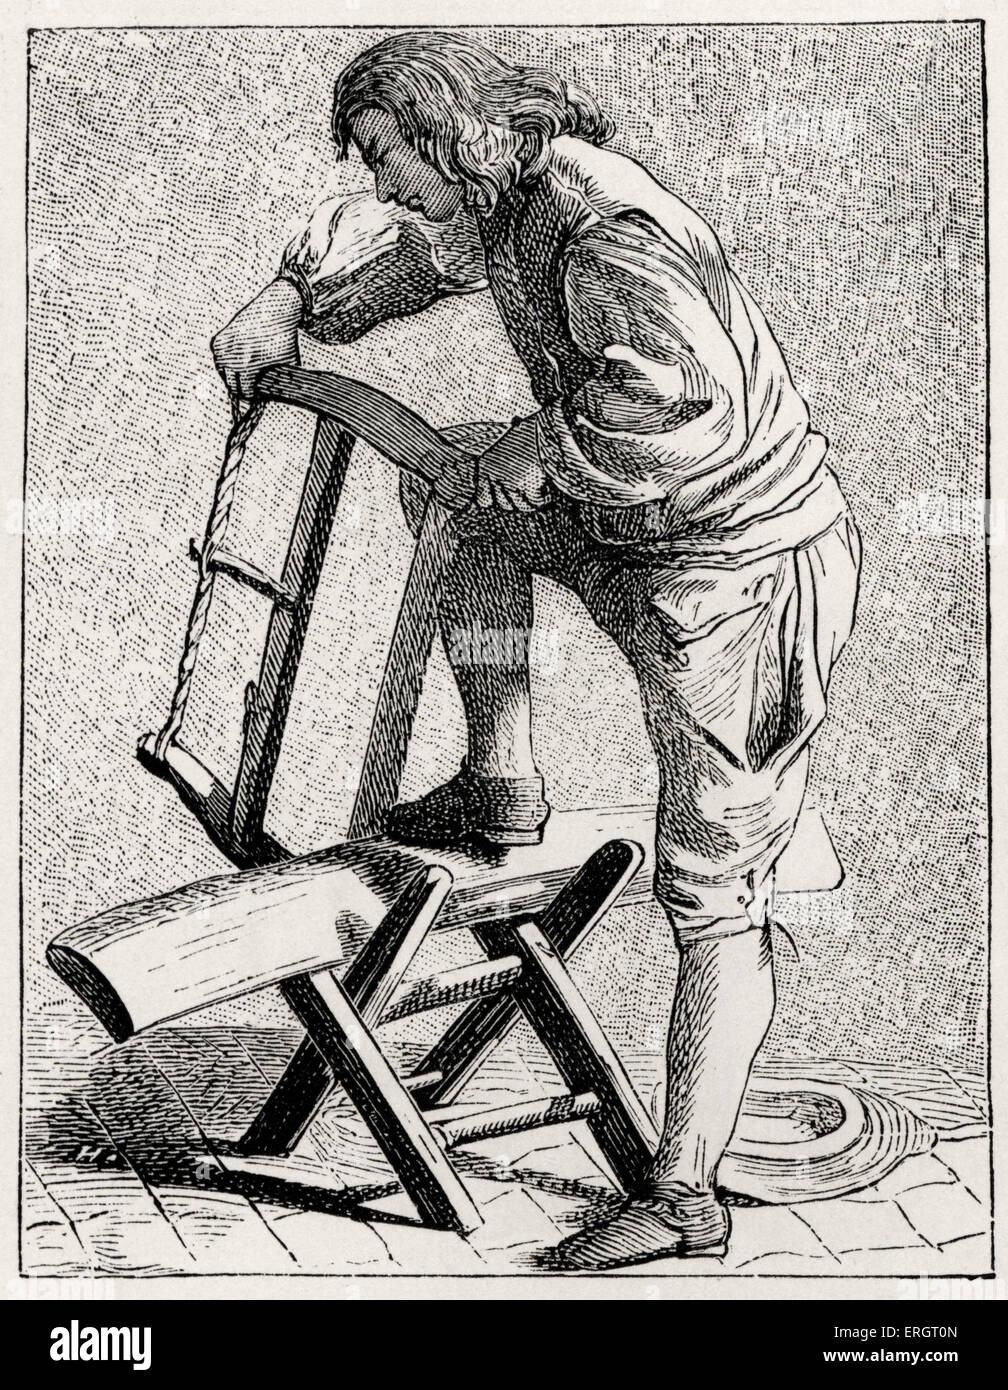 La vita quotidiana nella storia francese  un coltello di legno nel XVIII  secolo a Parigi d8762e813a3c